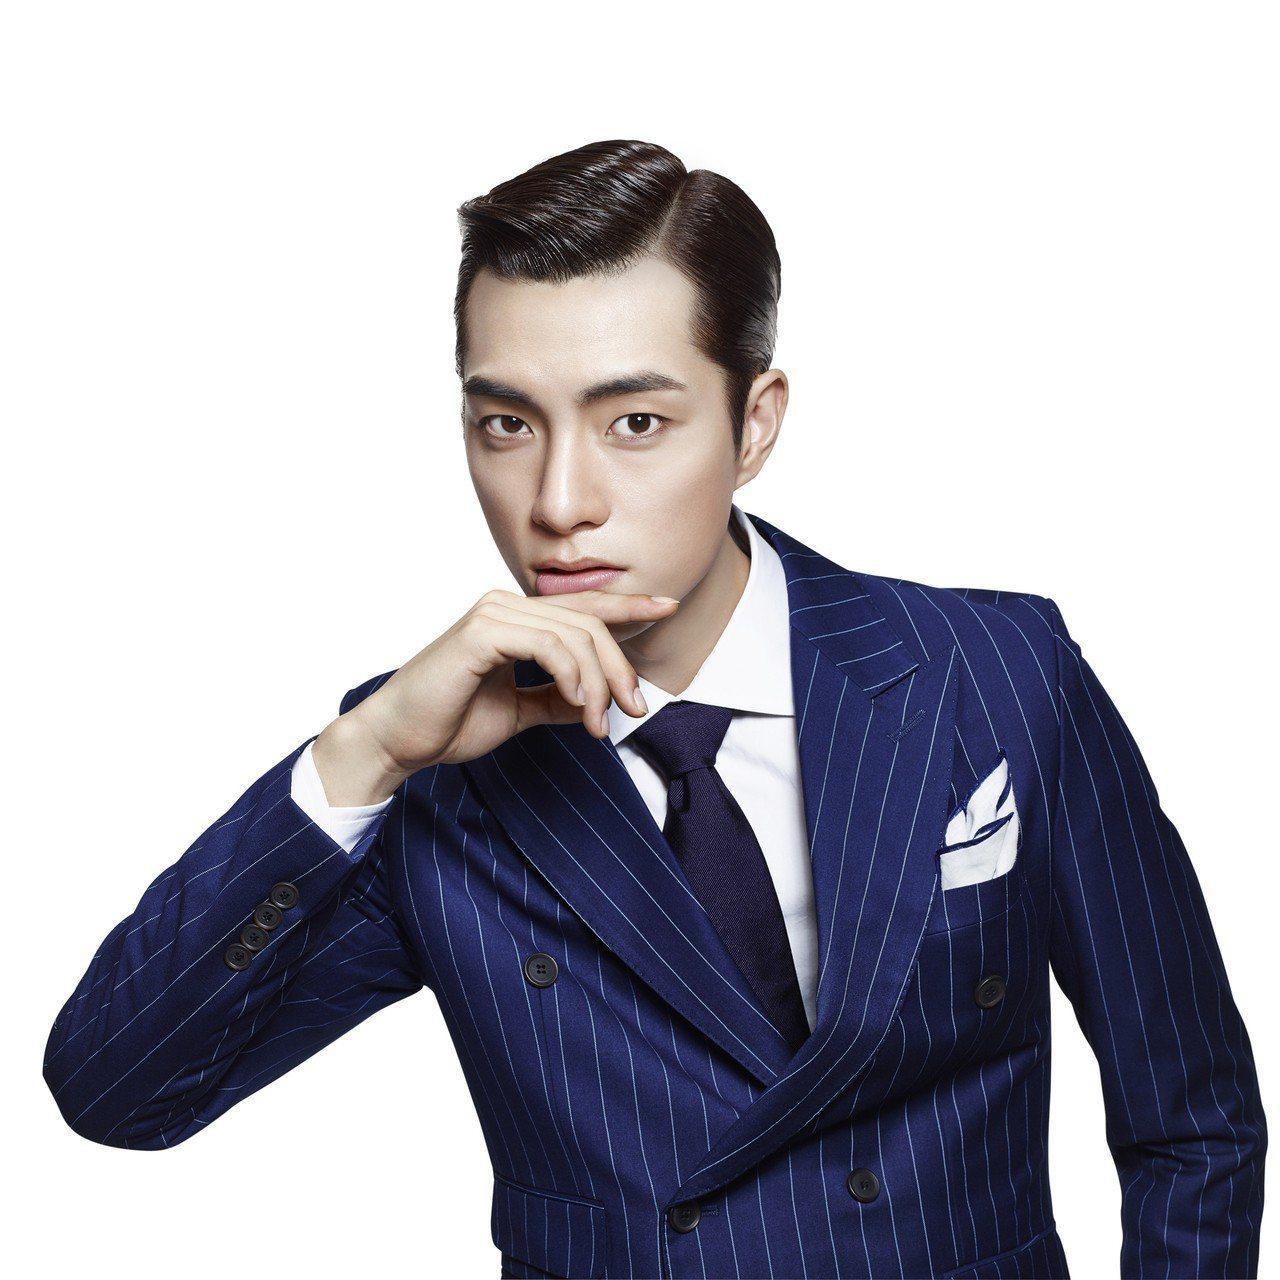 韓國潮流男士造型品「POWER SWING歐巴造型系列」登台開賣。圖/魅尚萱提供